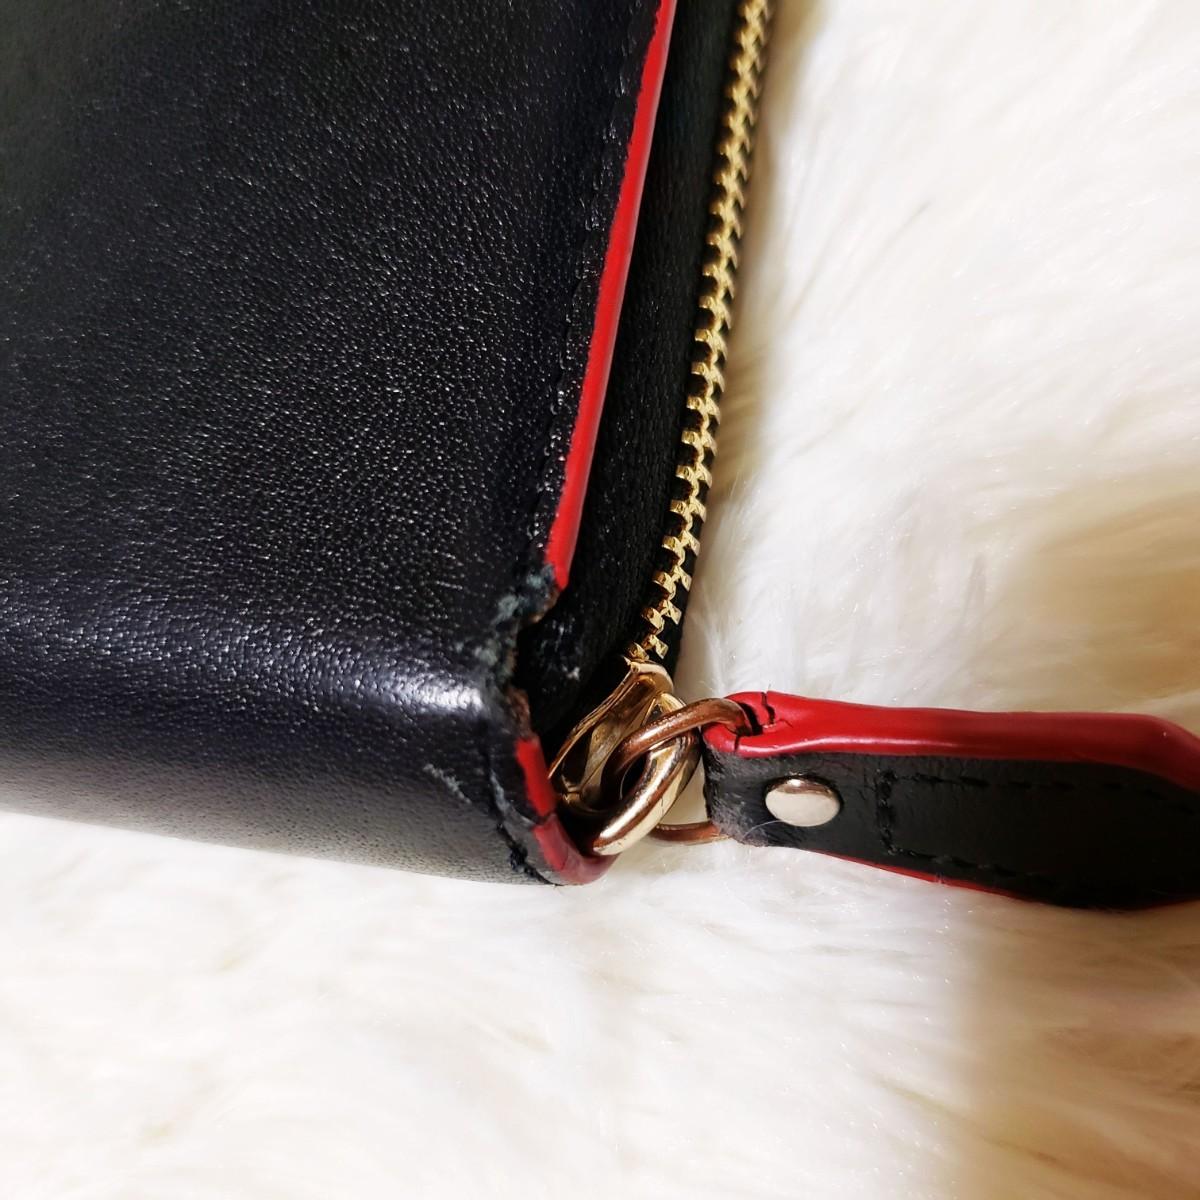 【Vivienne Westwood】ヴィヴィアンウエストウッド 長財布